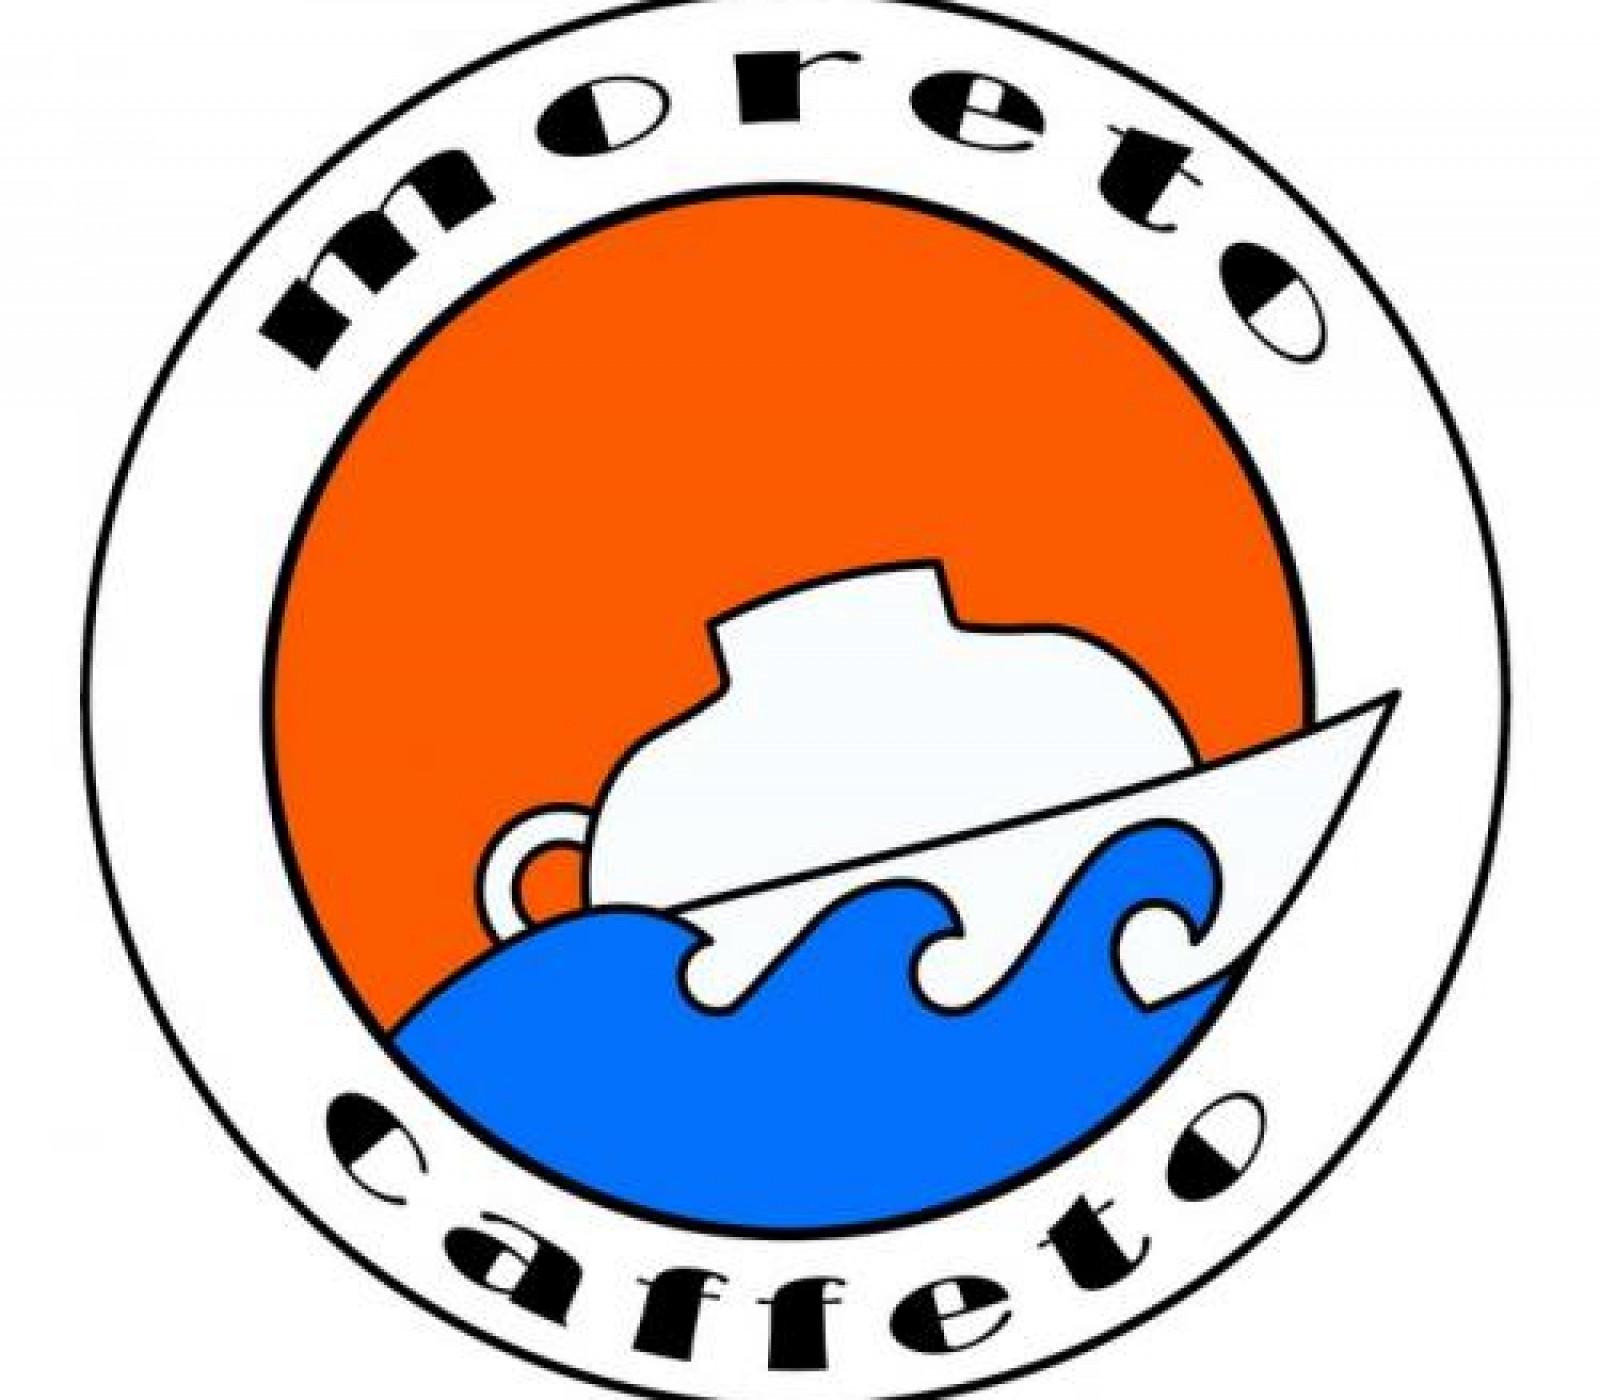 Moreto_Caffeto's picture